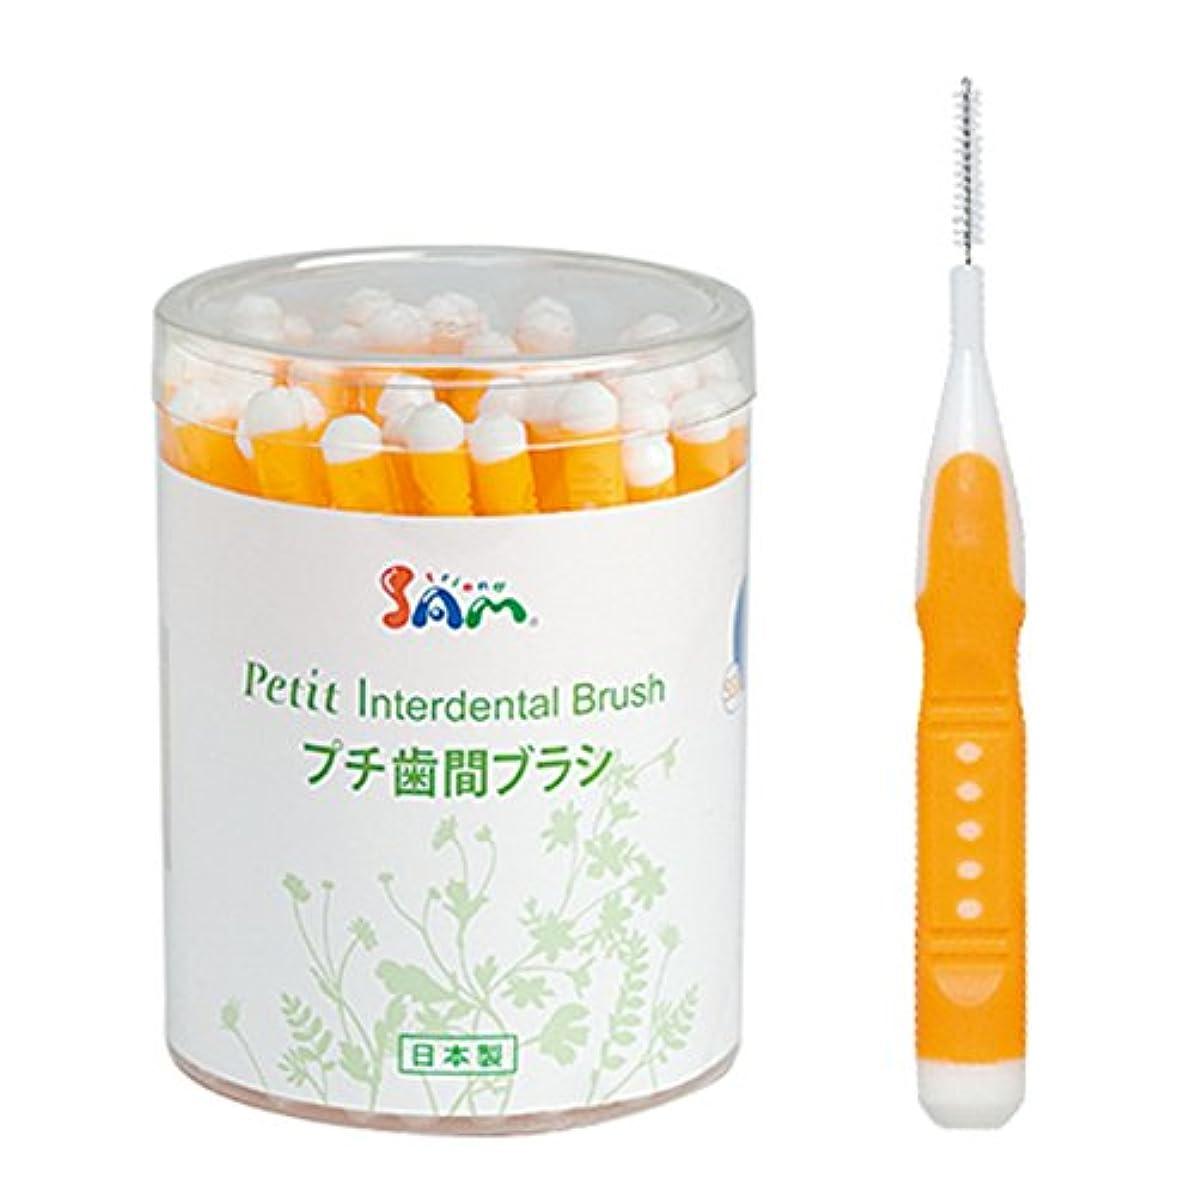 サムフレンド プチ歯間ブラシ I型 50本入 (SSS(オレンジ))